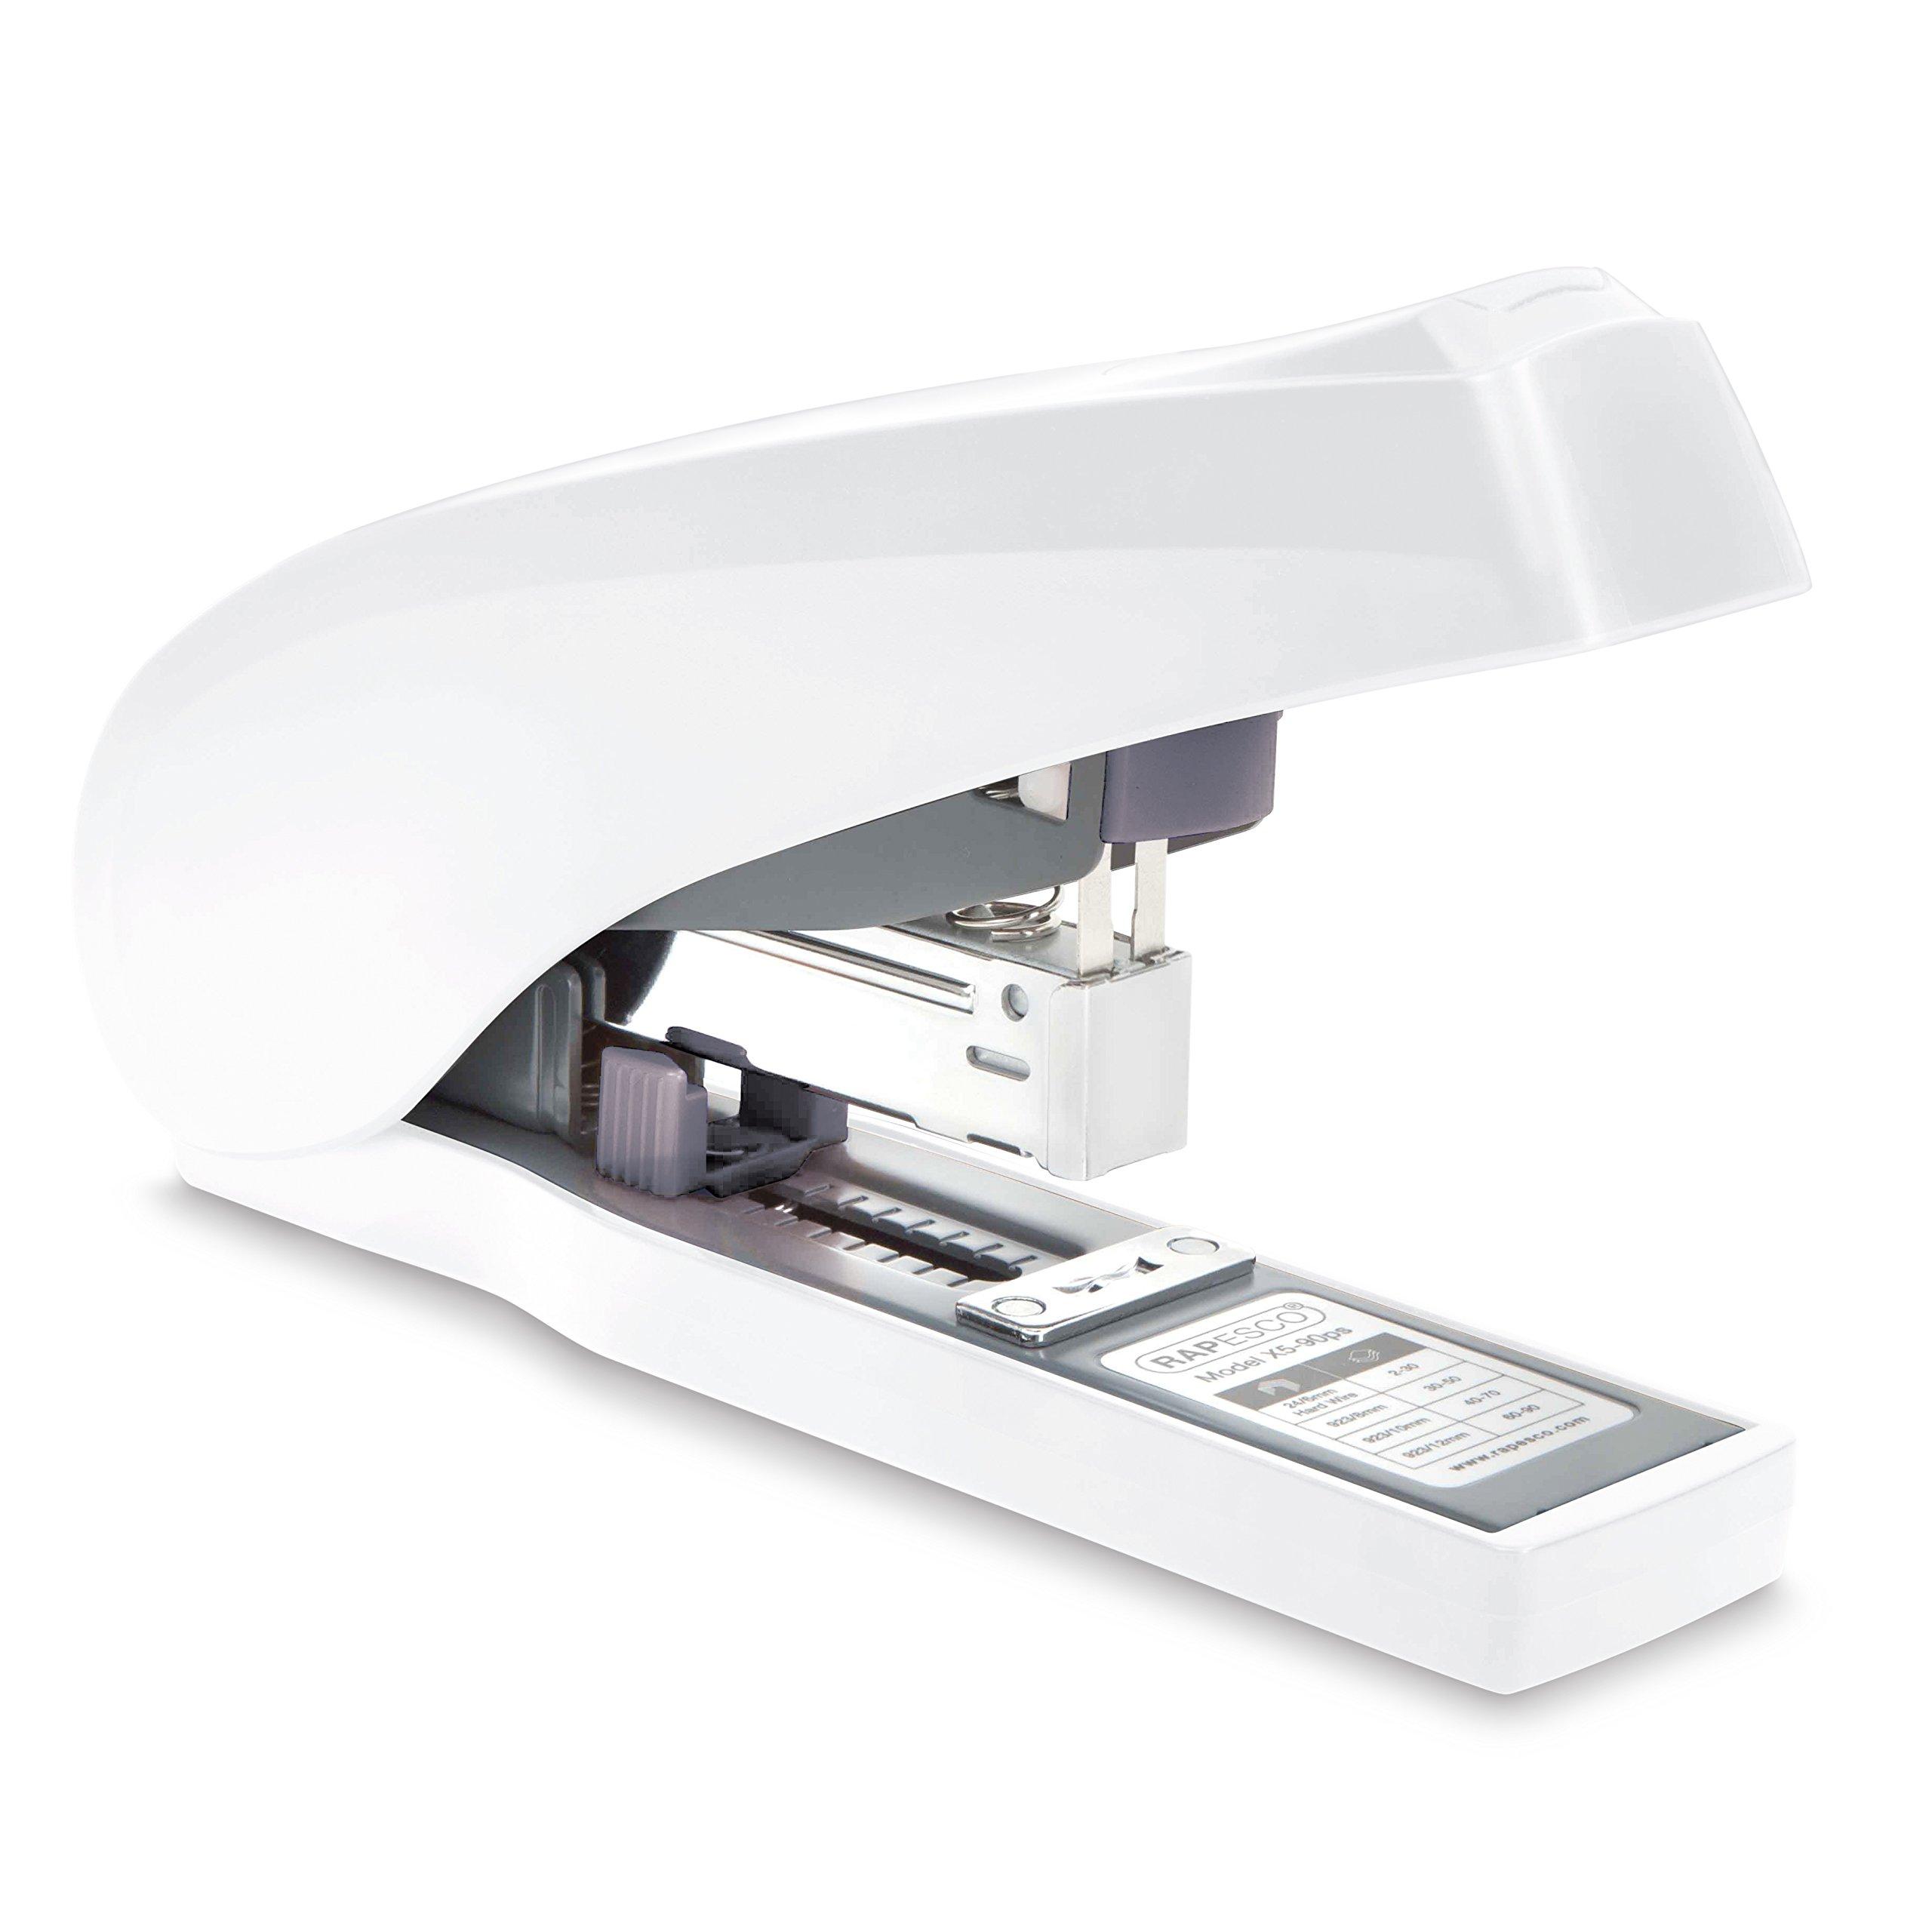 Rapesco ECO X5-90ps Less Effort Stapler - Soft White, 90 sheet (1400) by Rapesco